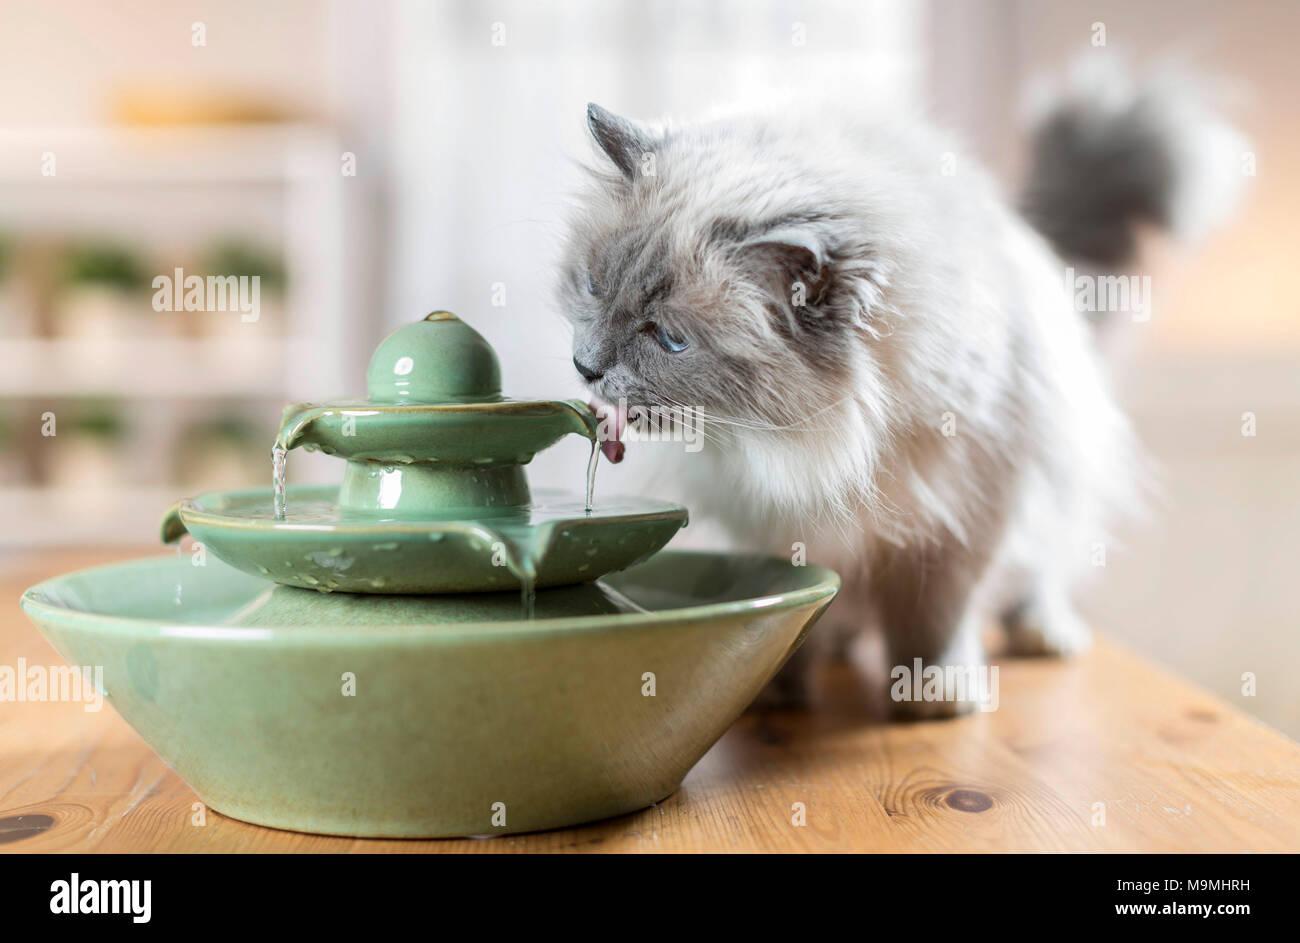 Heilige Birma. Erwachsene Katze trinken aus einem Brunnen. Deutschland Stockbild